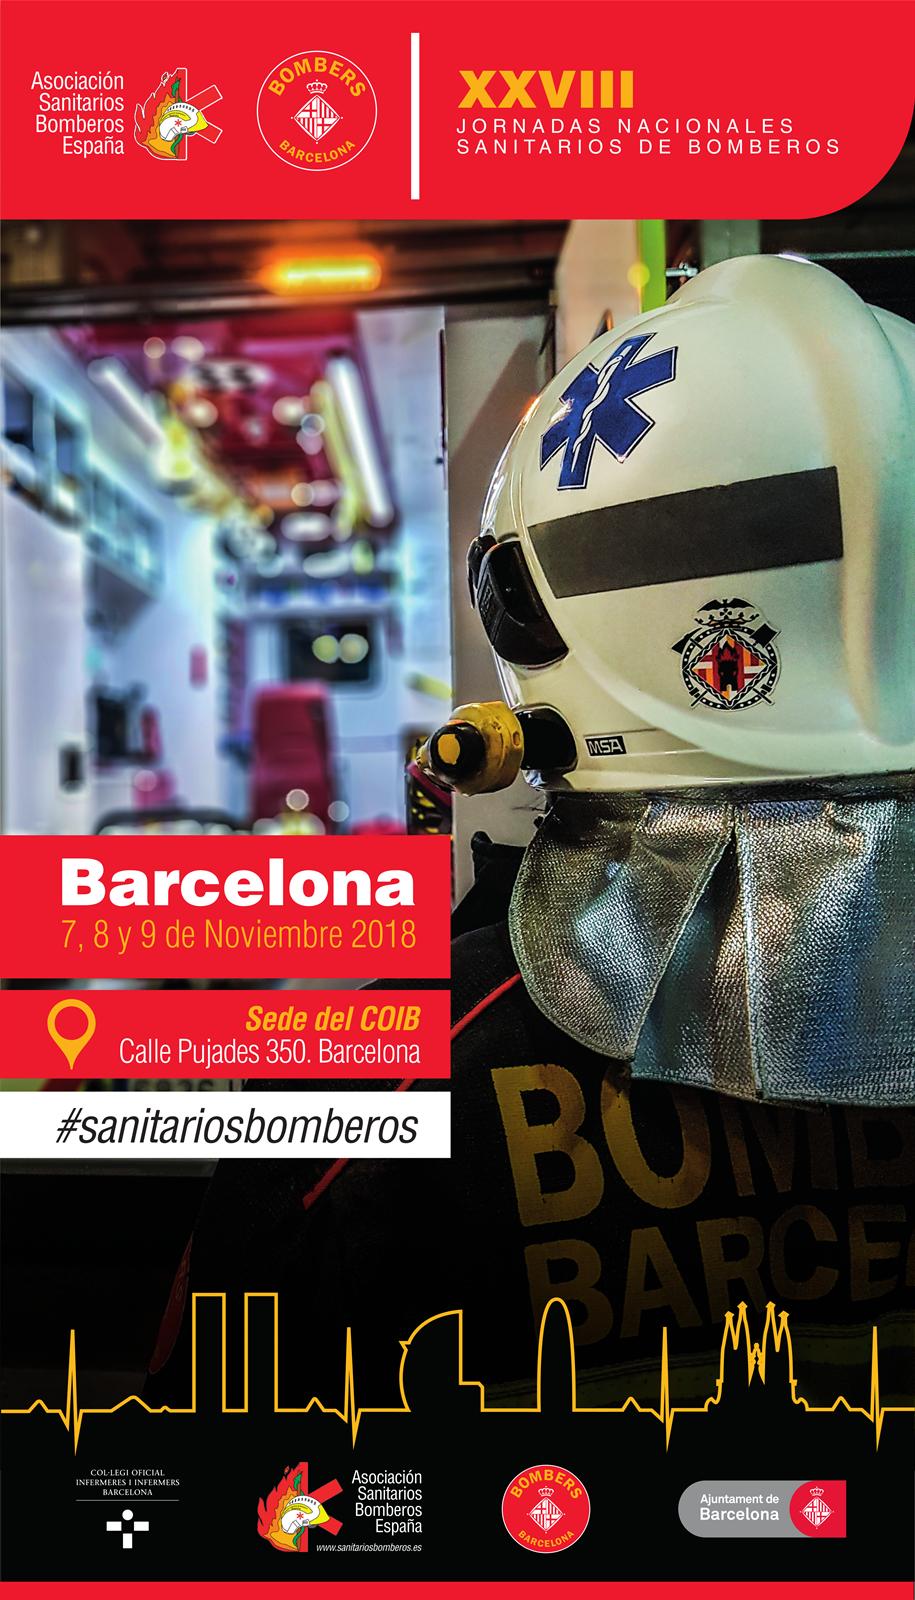 Barcelona acull les 28es Jornades nacionals de sanitaris bombers